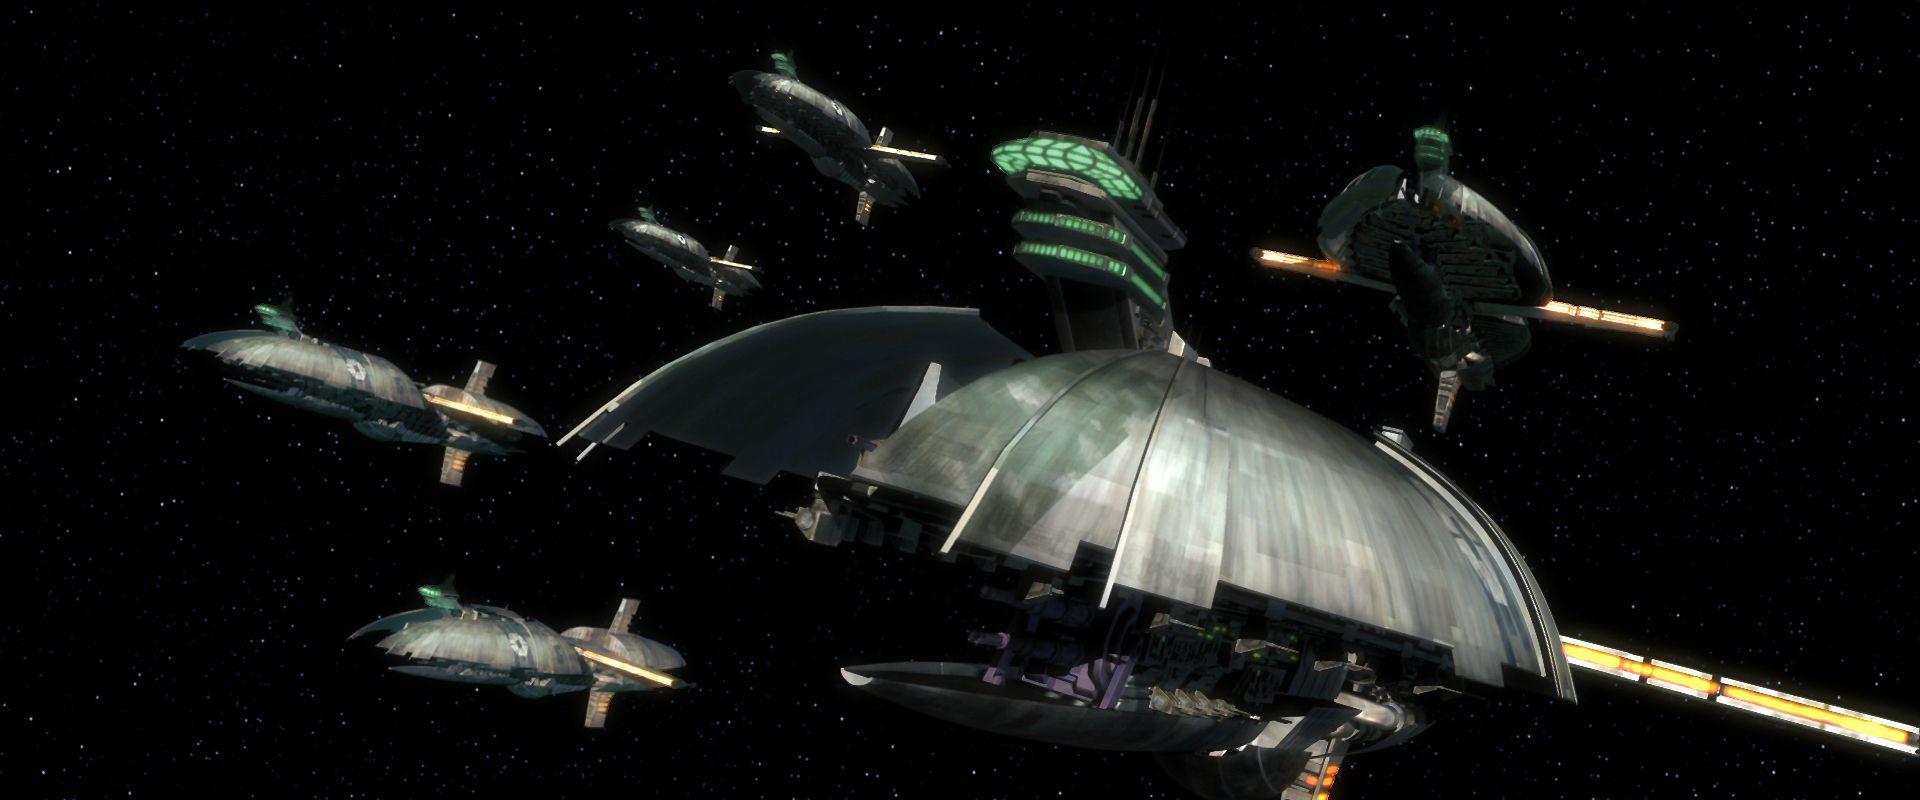 The Separatist War Machine Star Wars Wallpaper Star Wars Ships Star Wars Clone Wars